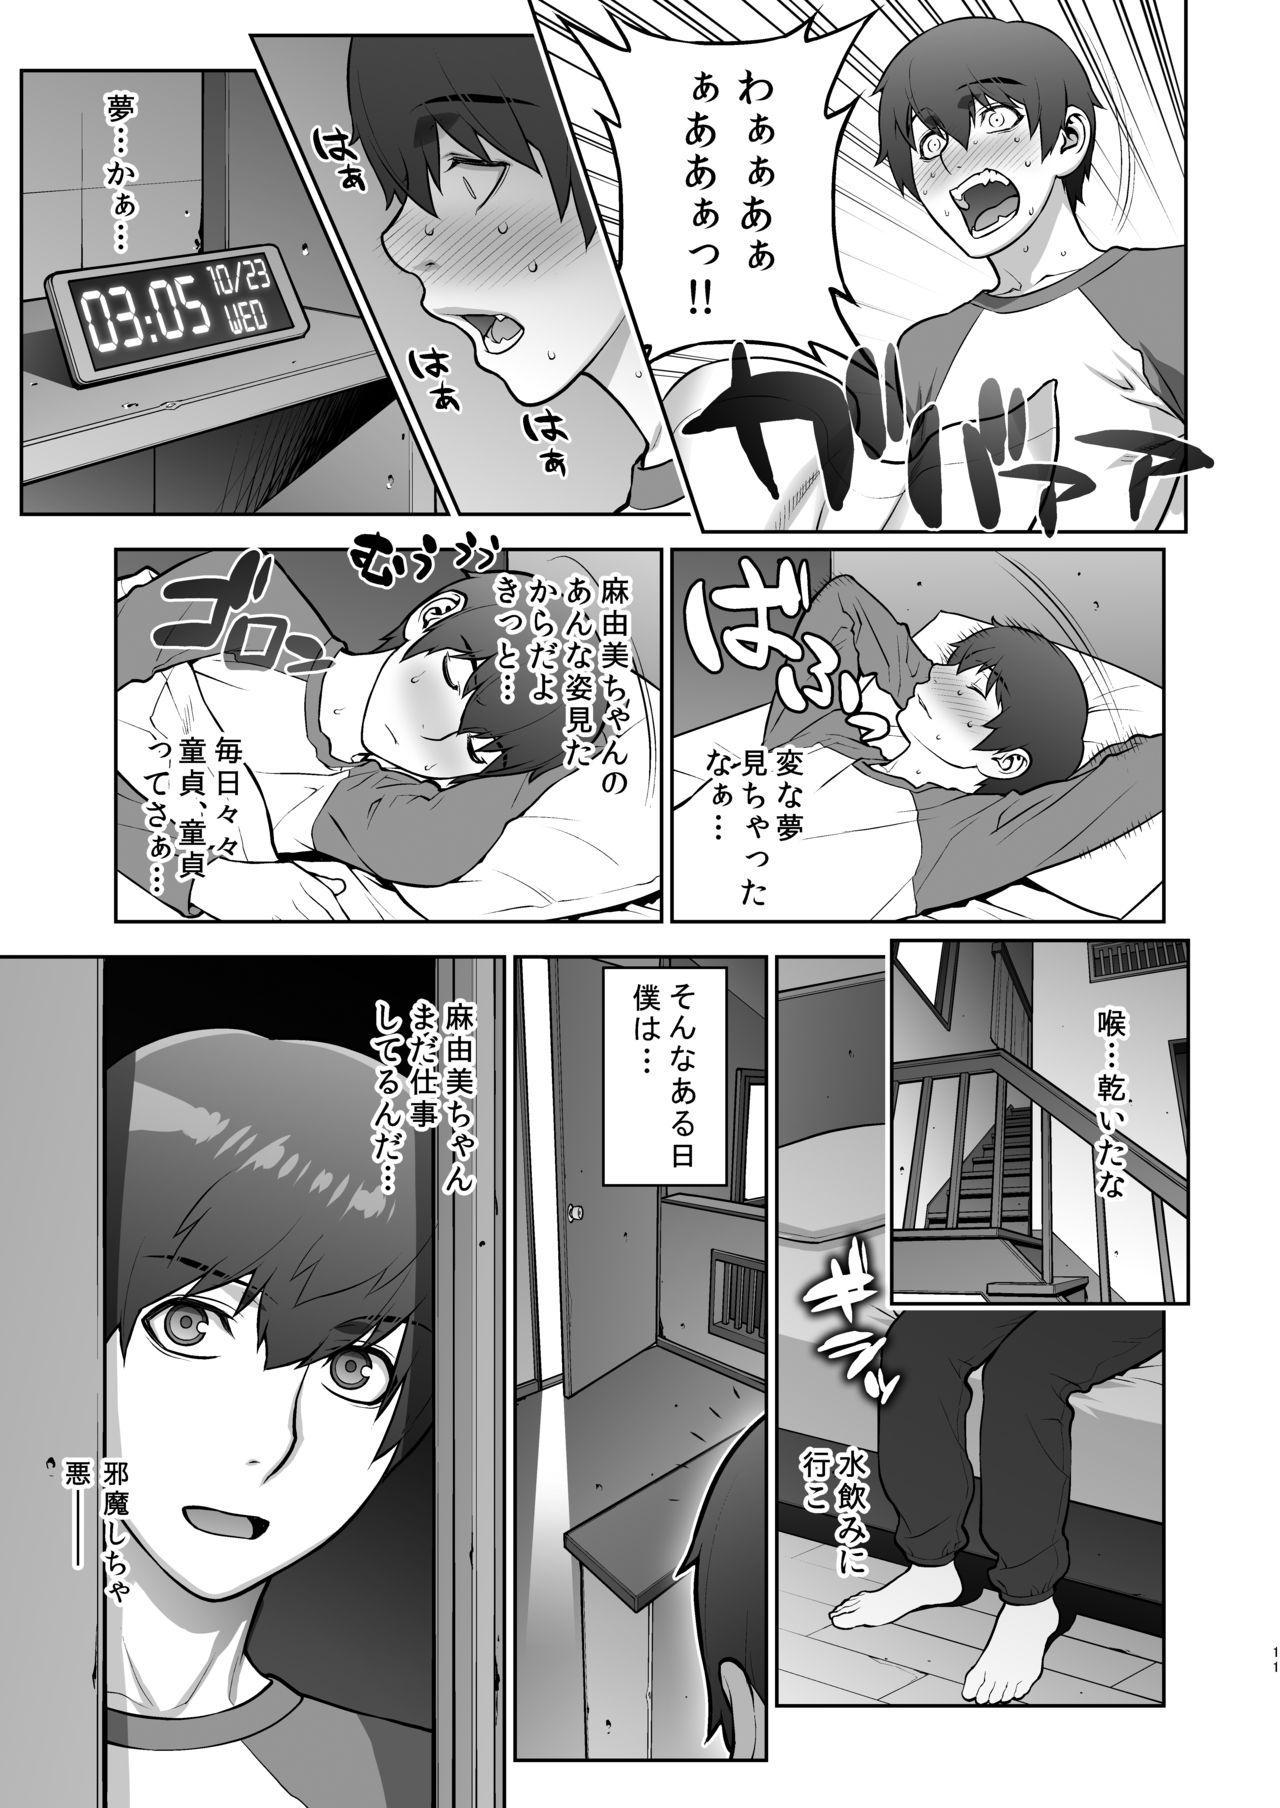 Oba no Uwa Kitsu Cosplay Onanie o Mokugeki Shita Ken 9